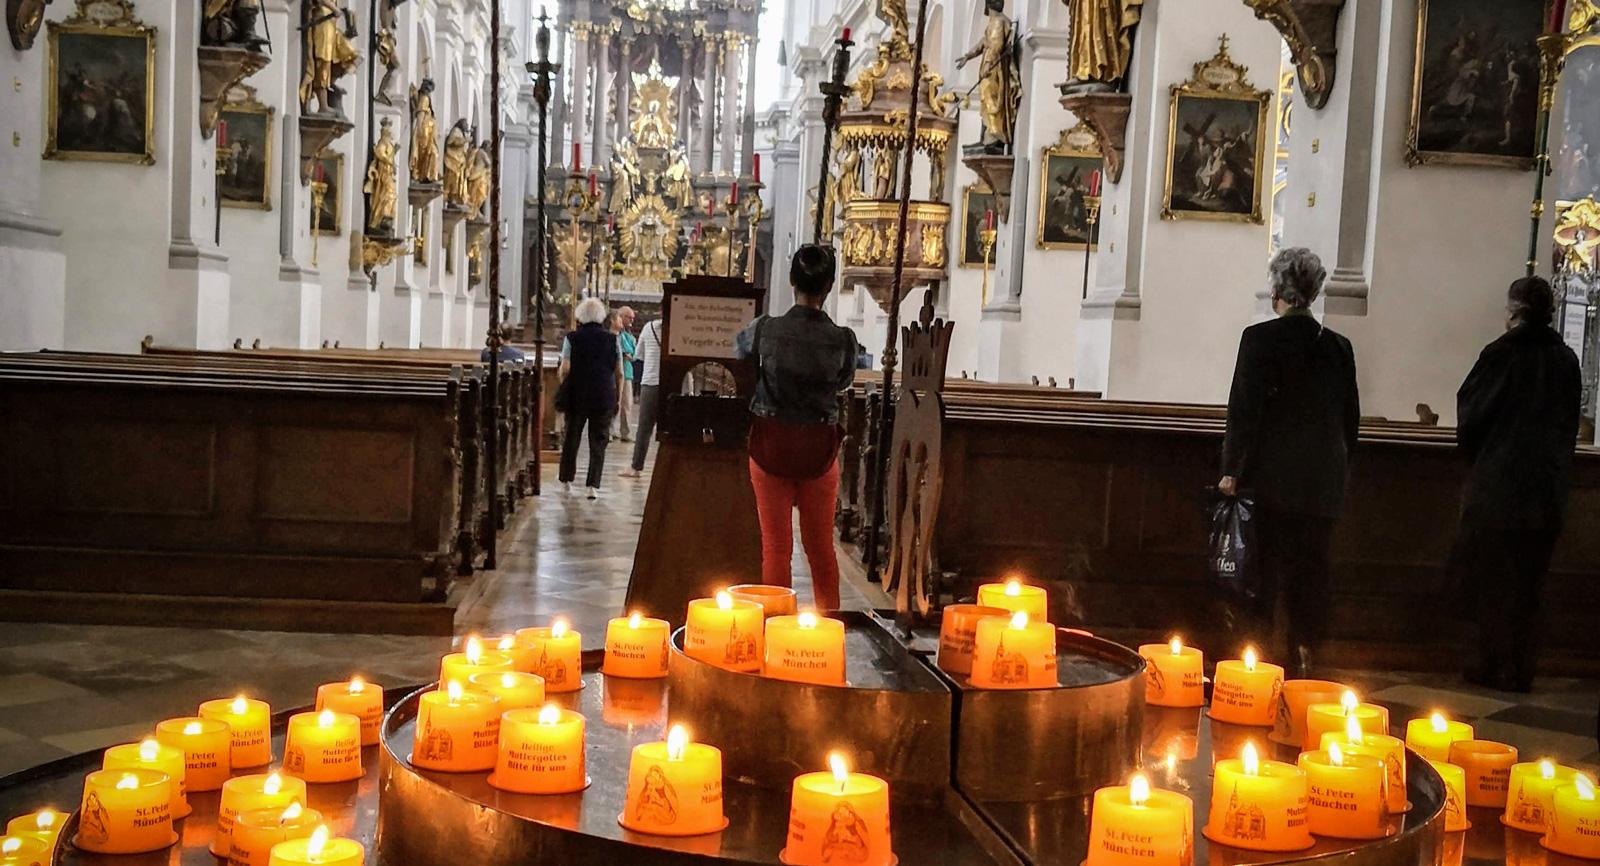 Ljus som tänts i vackra Frauenkirche. En svalkande och lugn oas.